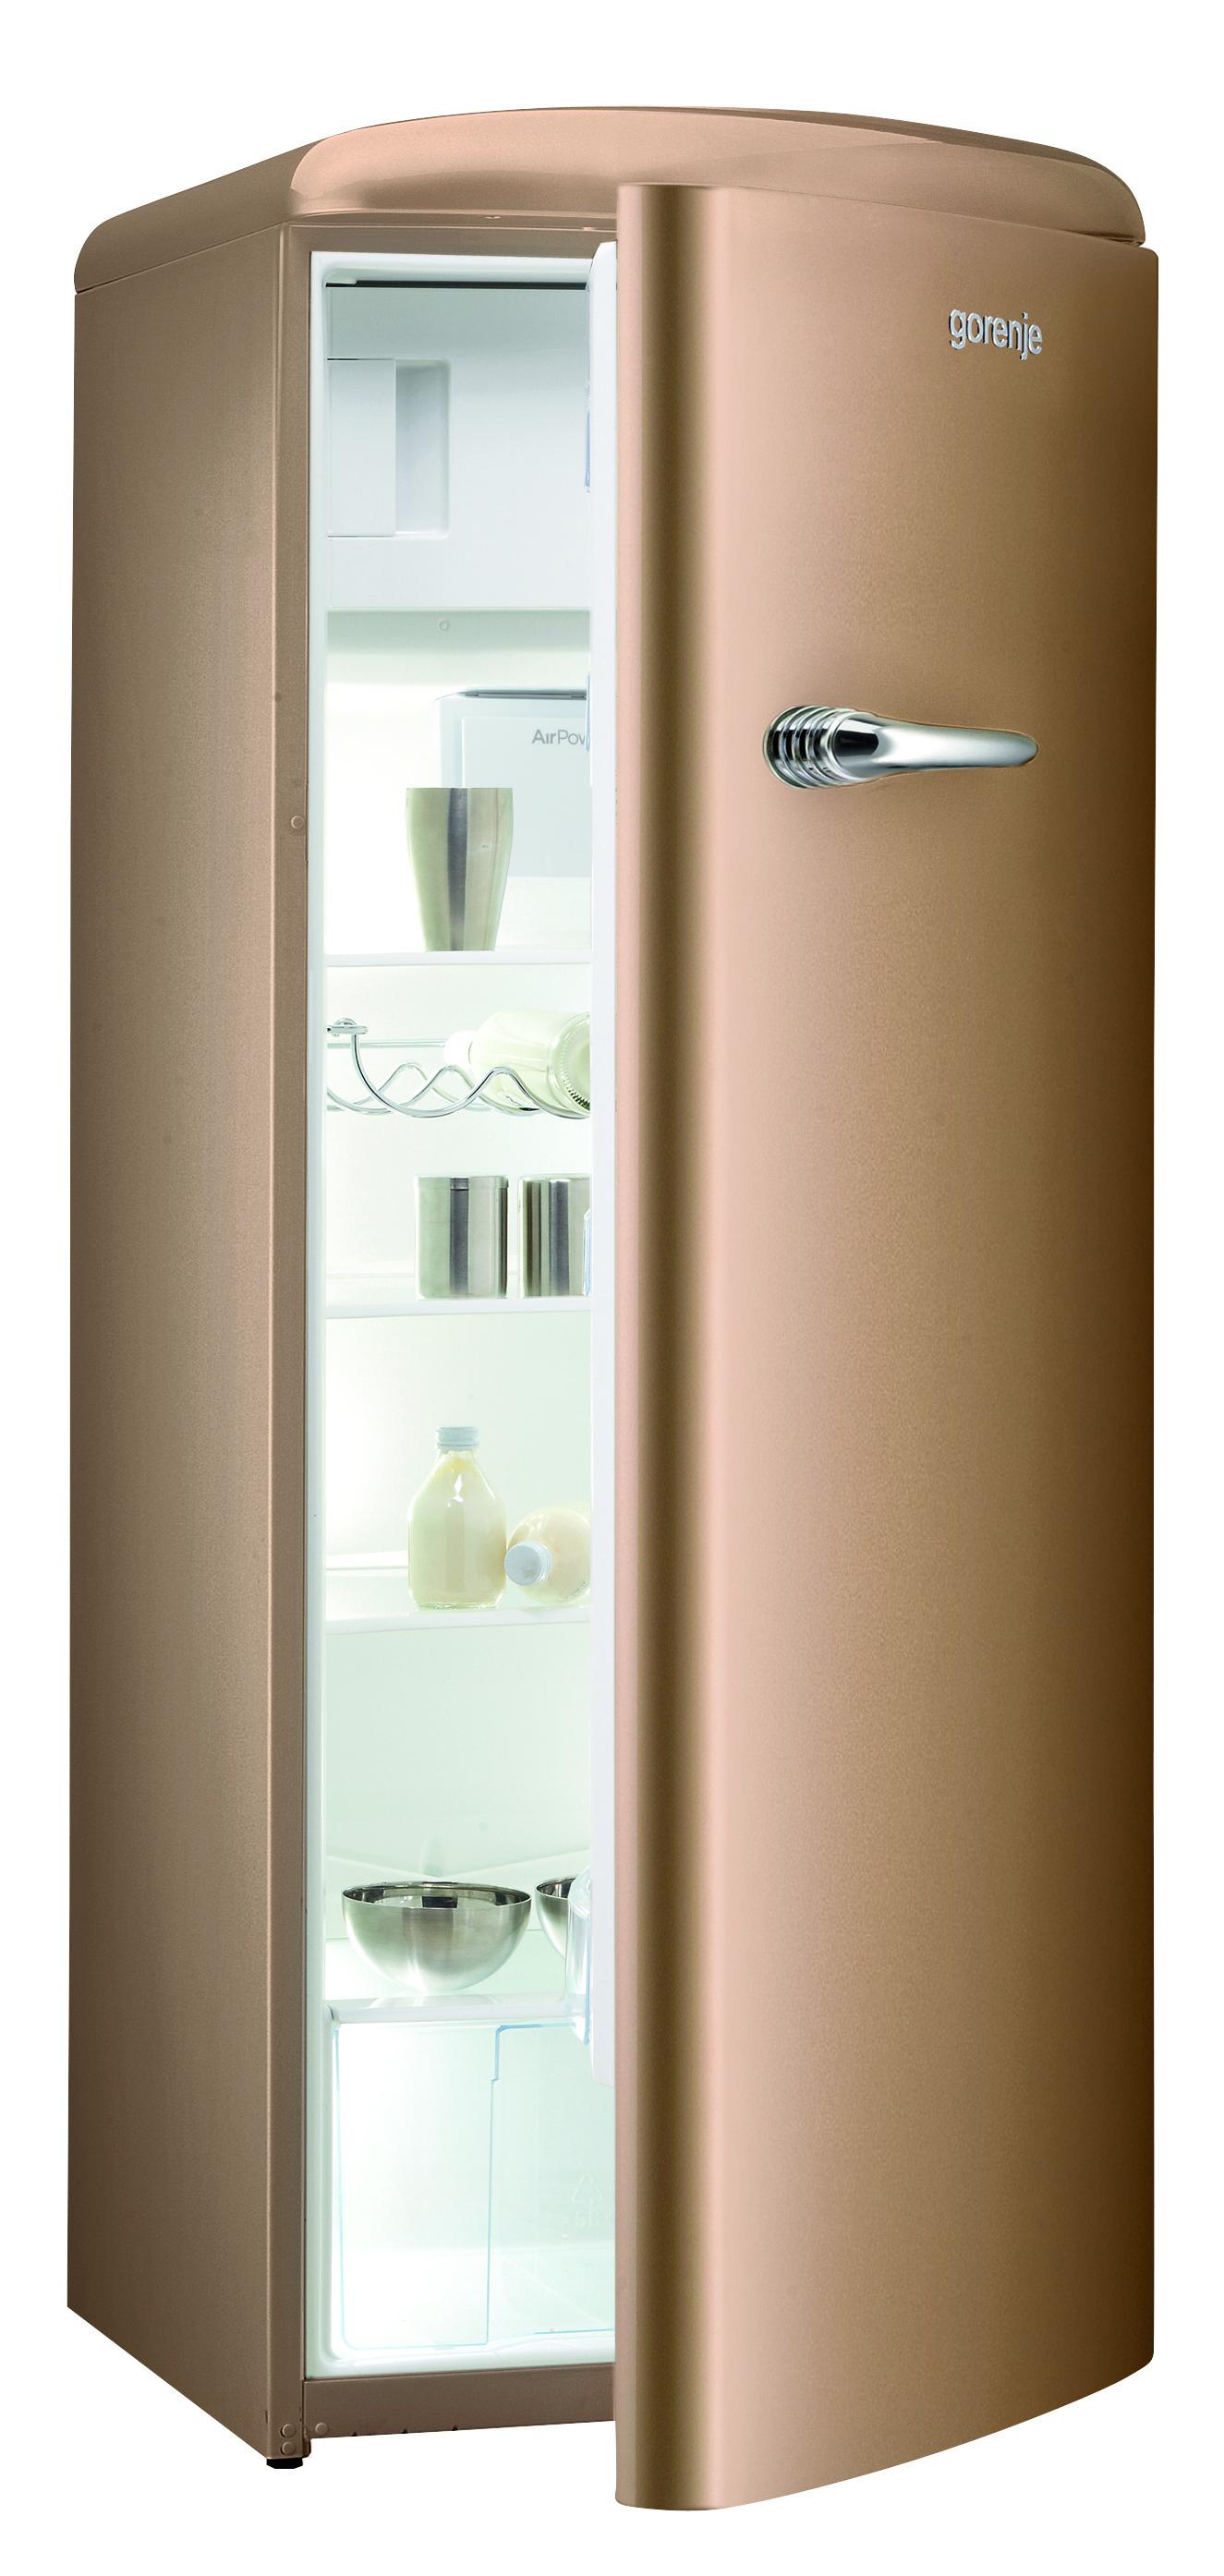 gorenje rb60299ord l retro fridge appliance world. Black Bedroom Furniture Sets. Home Design Ideas